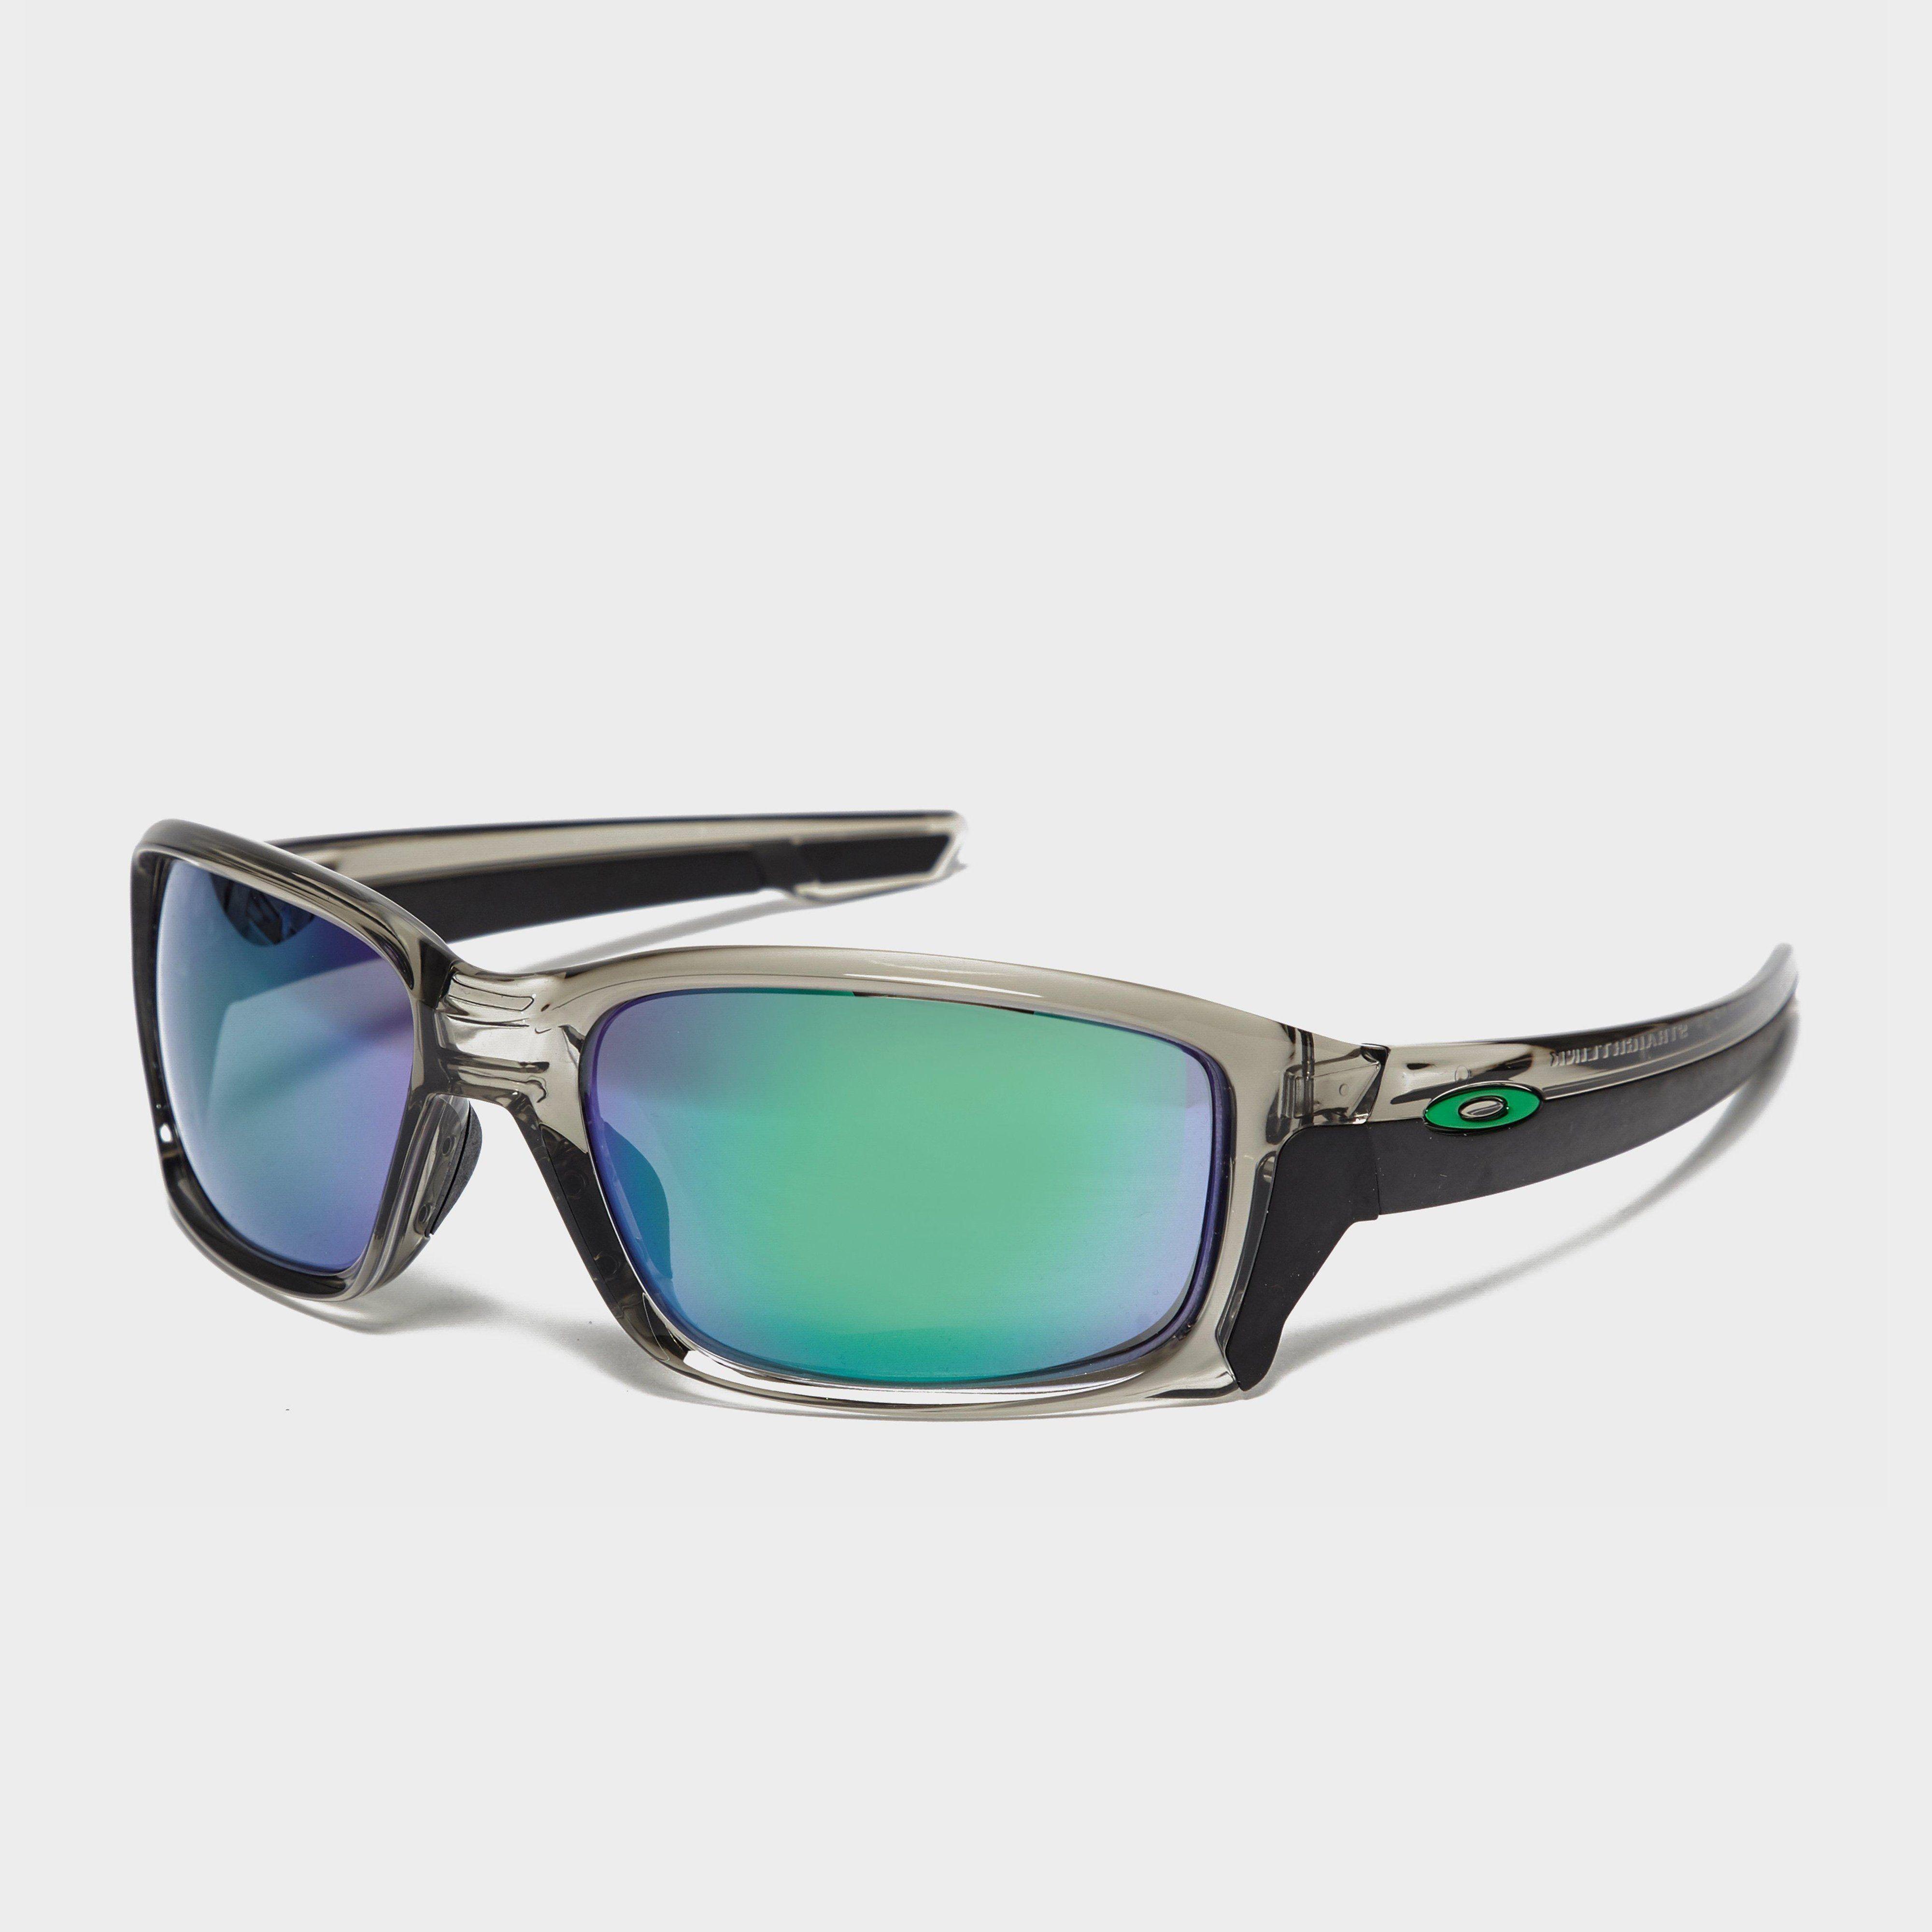 OAKLEY Straightlink™ Jade Iridium Sunglasses